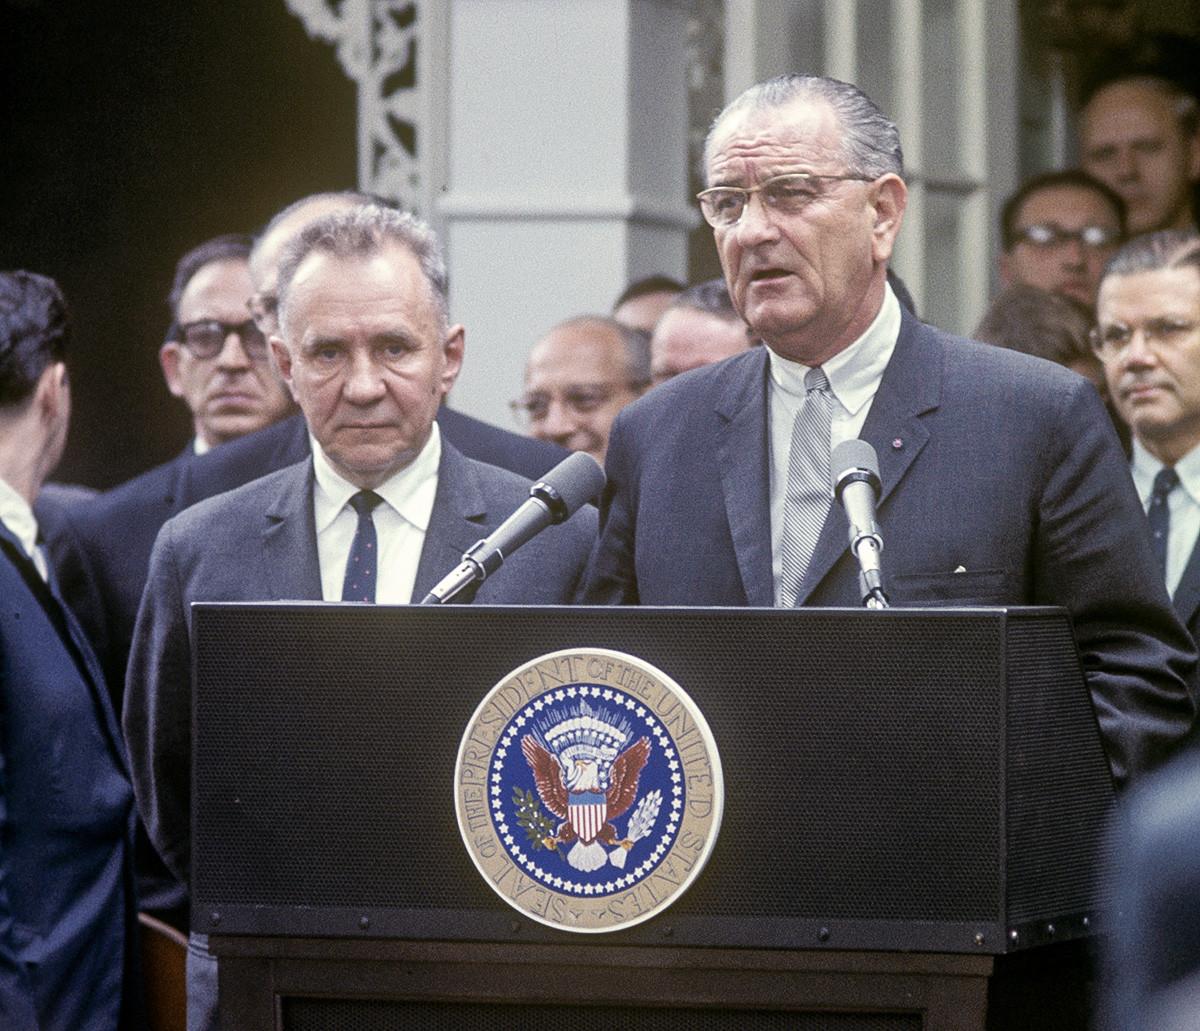 Il premier sovietico Aleksej Kosygin e il presidente USA Lyndon B. Johnson a Glassboro, giugno 1967